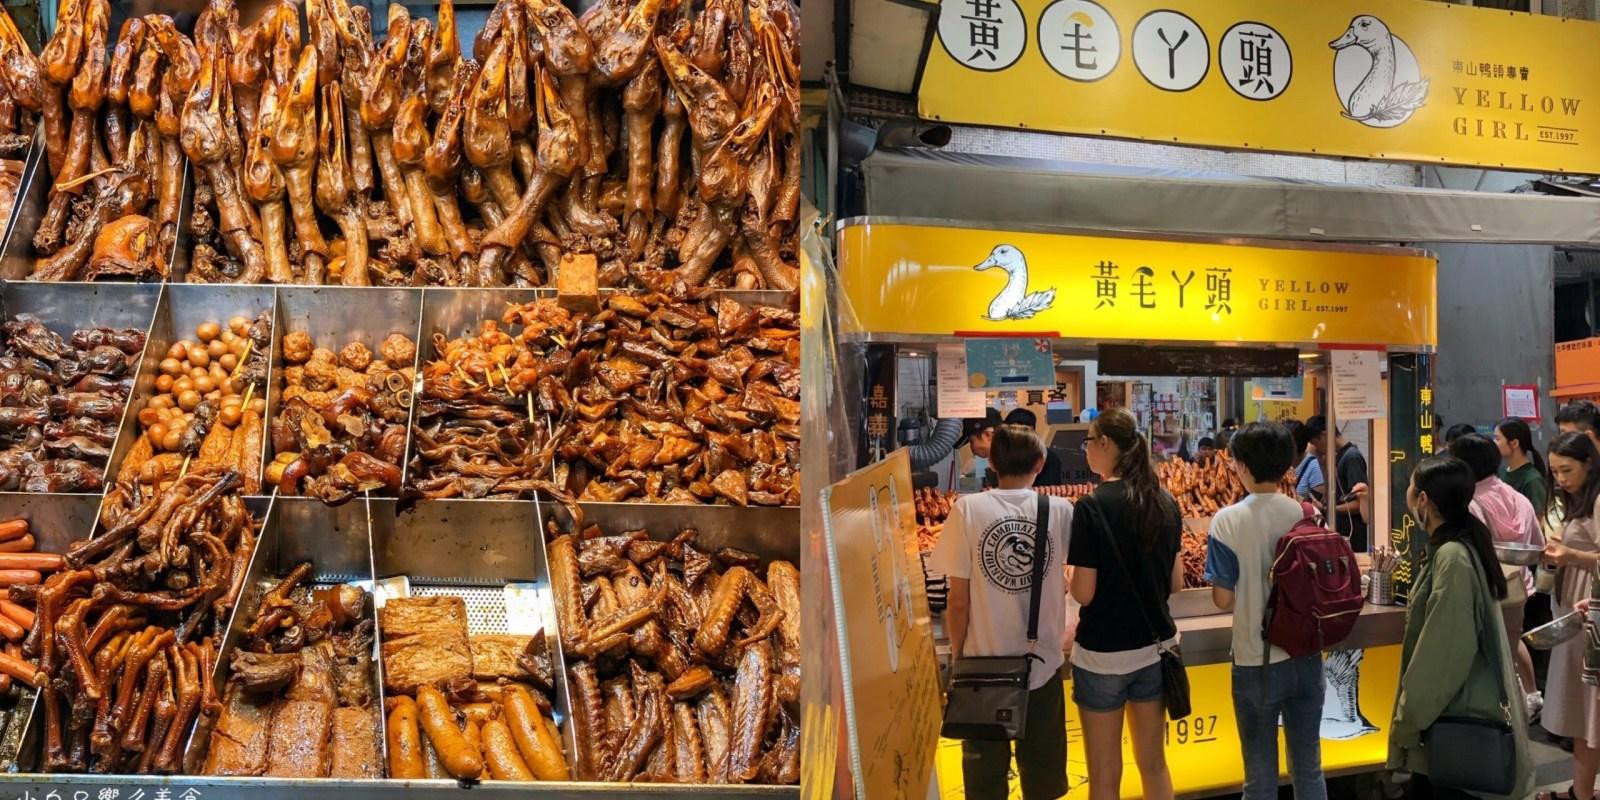 【嘉義美食】文化路夜市超人氣「黃毛ㄚ頭」必吃鴨頭!超過40年的好滋味你吃過嗎?